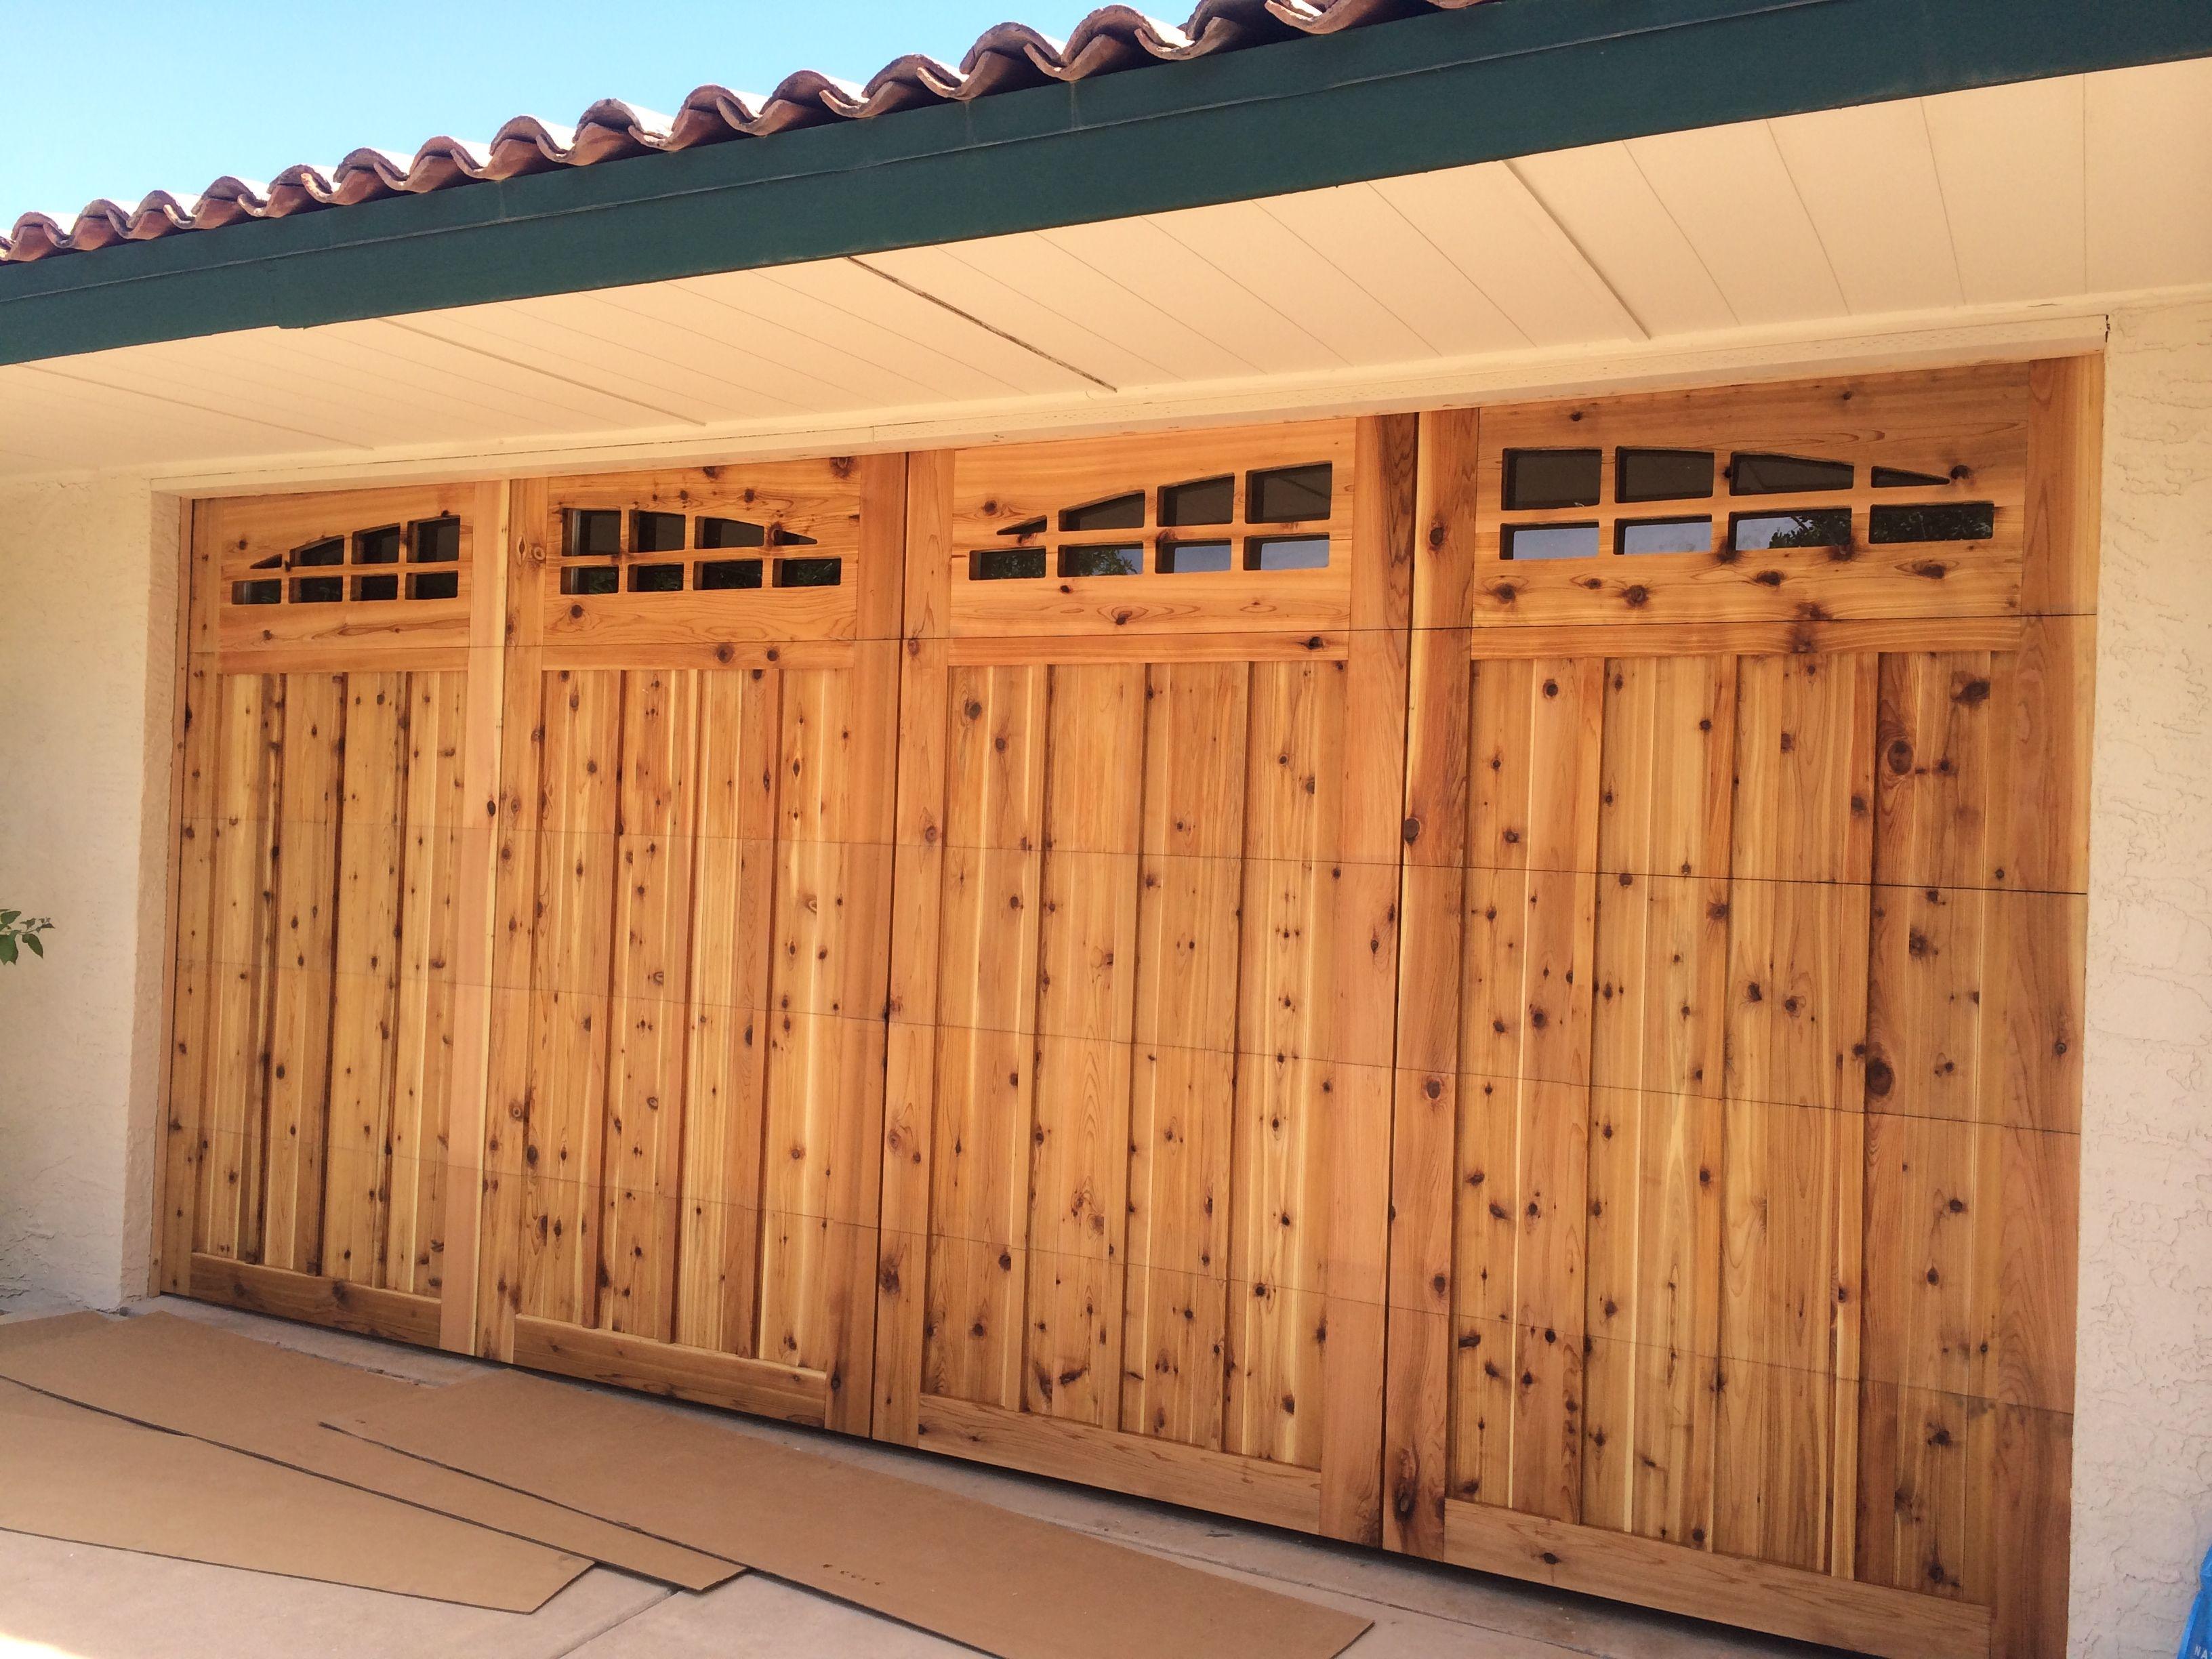 Custom Cedar Wood Overlay Garage Doors In Scottsdale Az Garage Door Design Garage Doors Custom Garage Doors